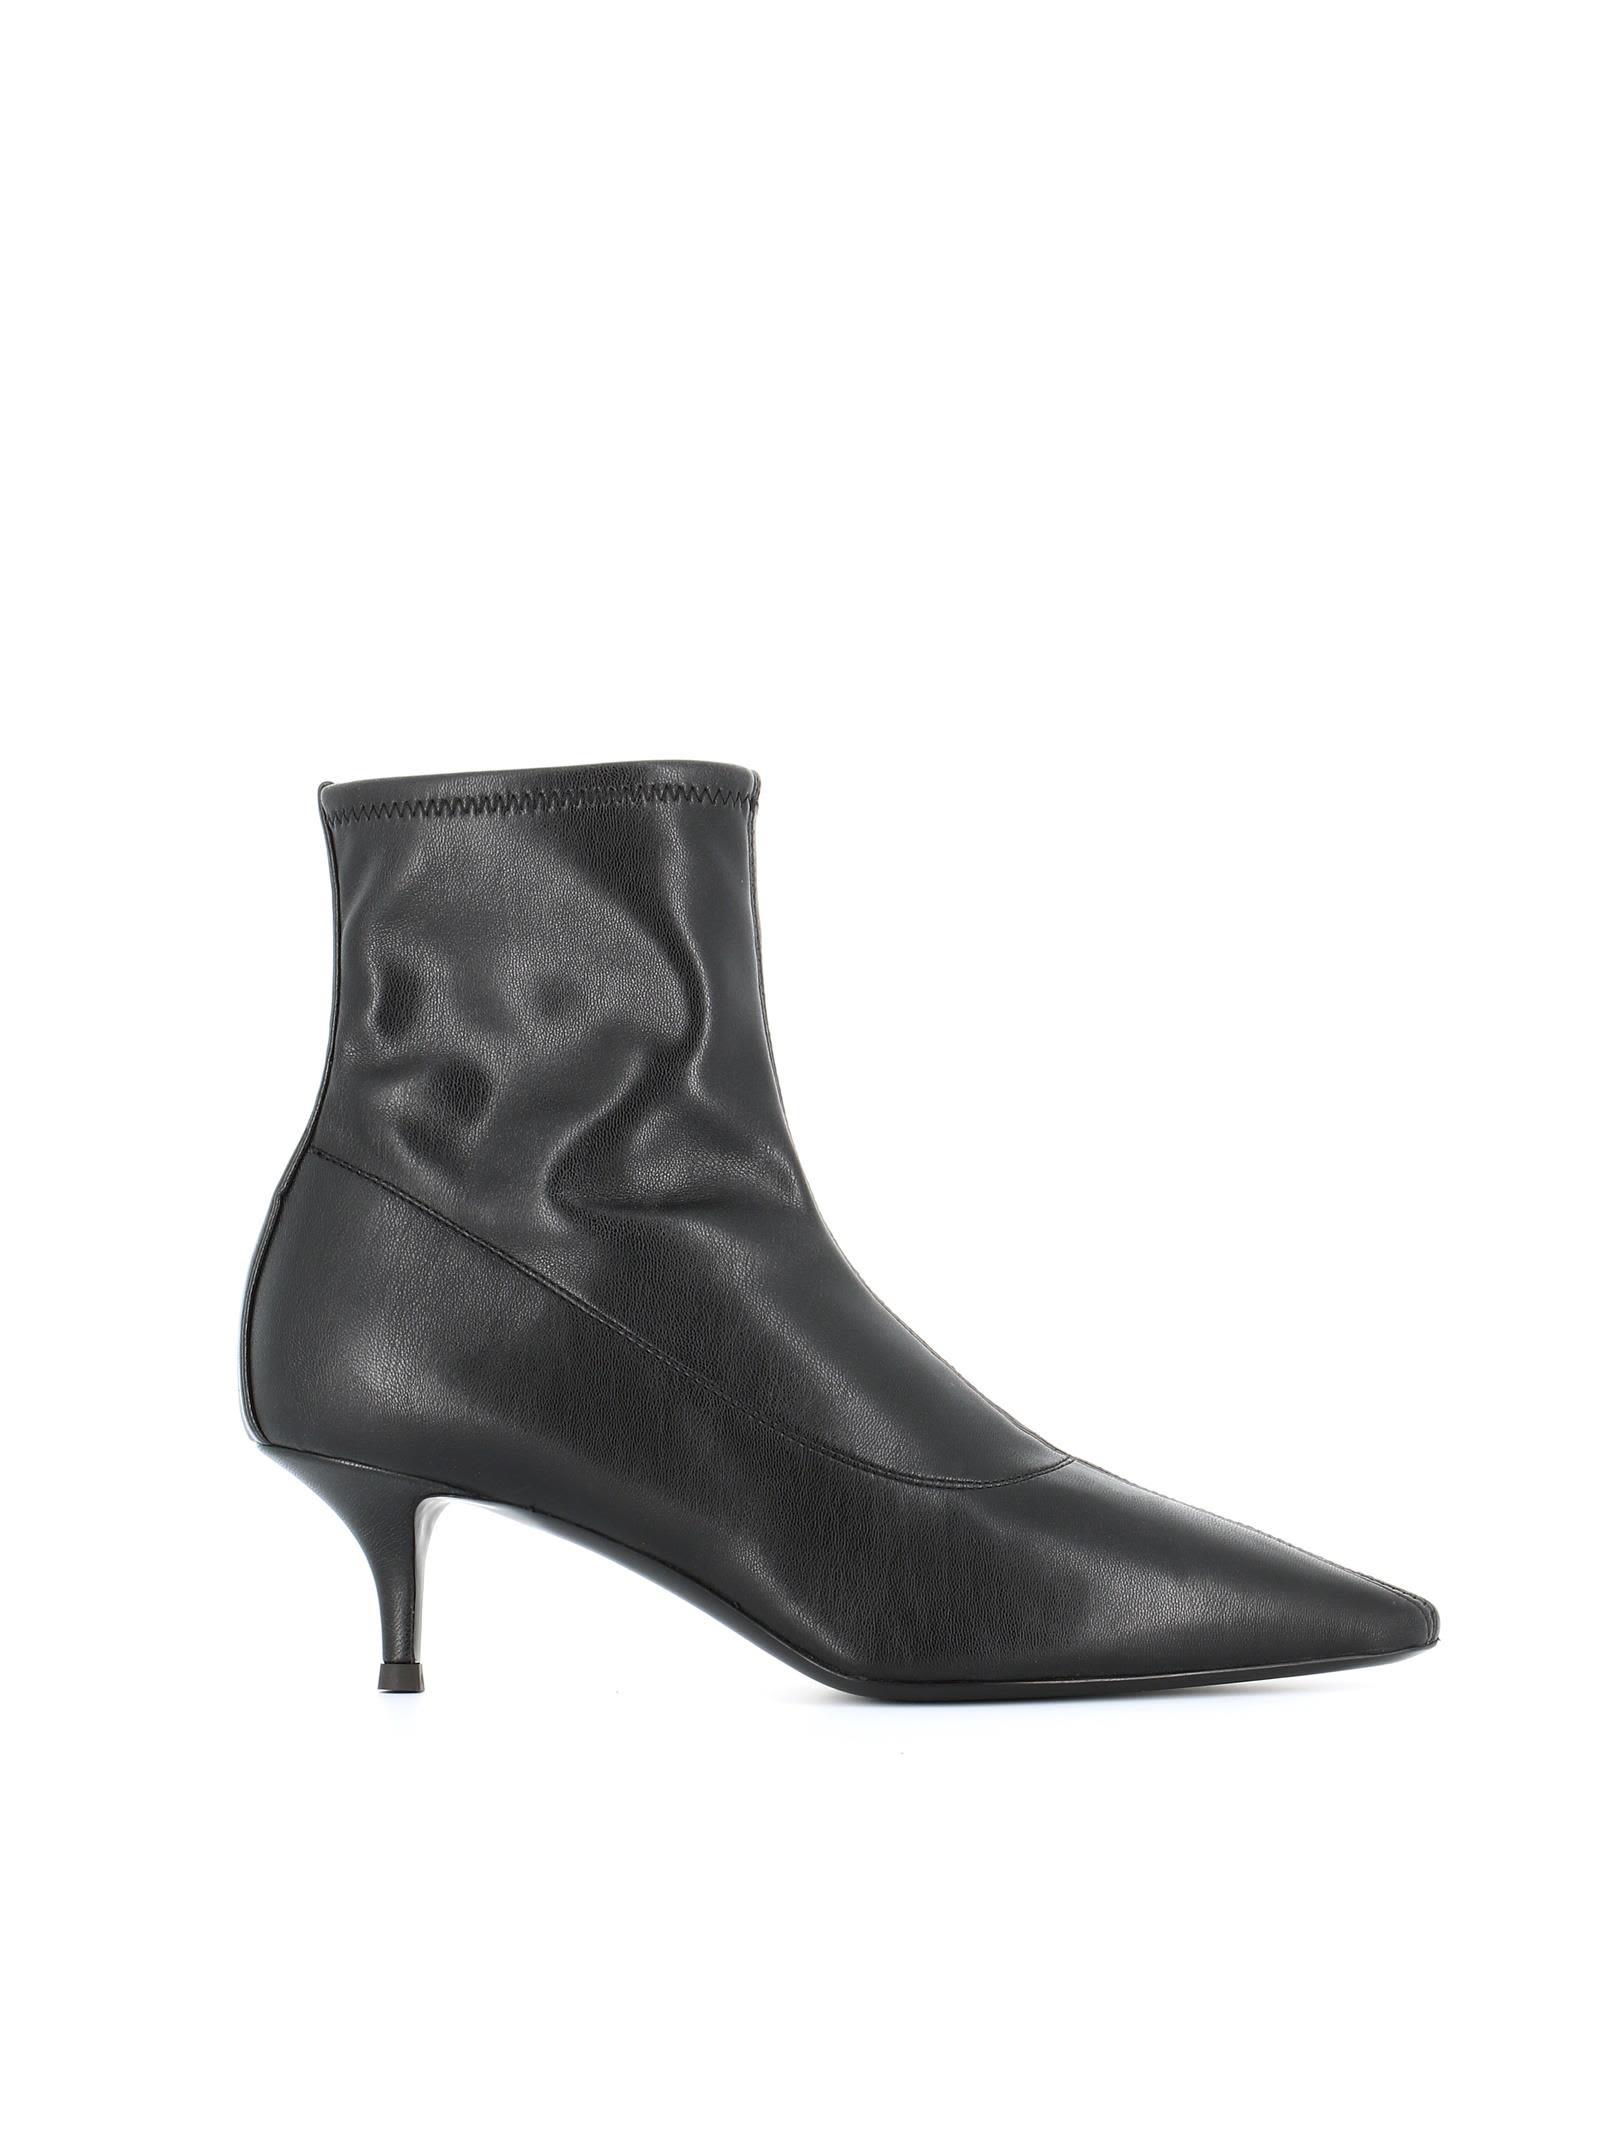 Boots Boots Giuseppe Salomè Zanotti Zanotti Zanotti Marron Giuseppe Marron Boots Salomè Marron Salomè Boots Salomè Giuseppe tA7wUq6x